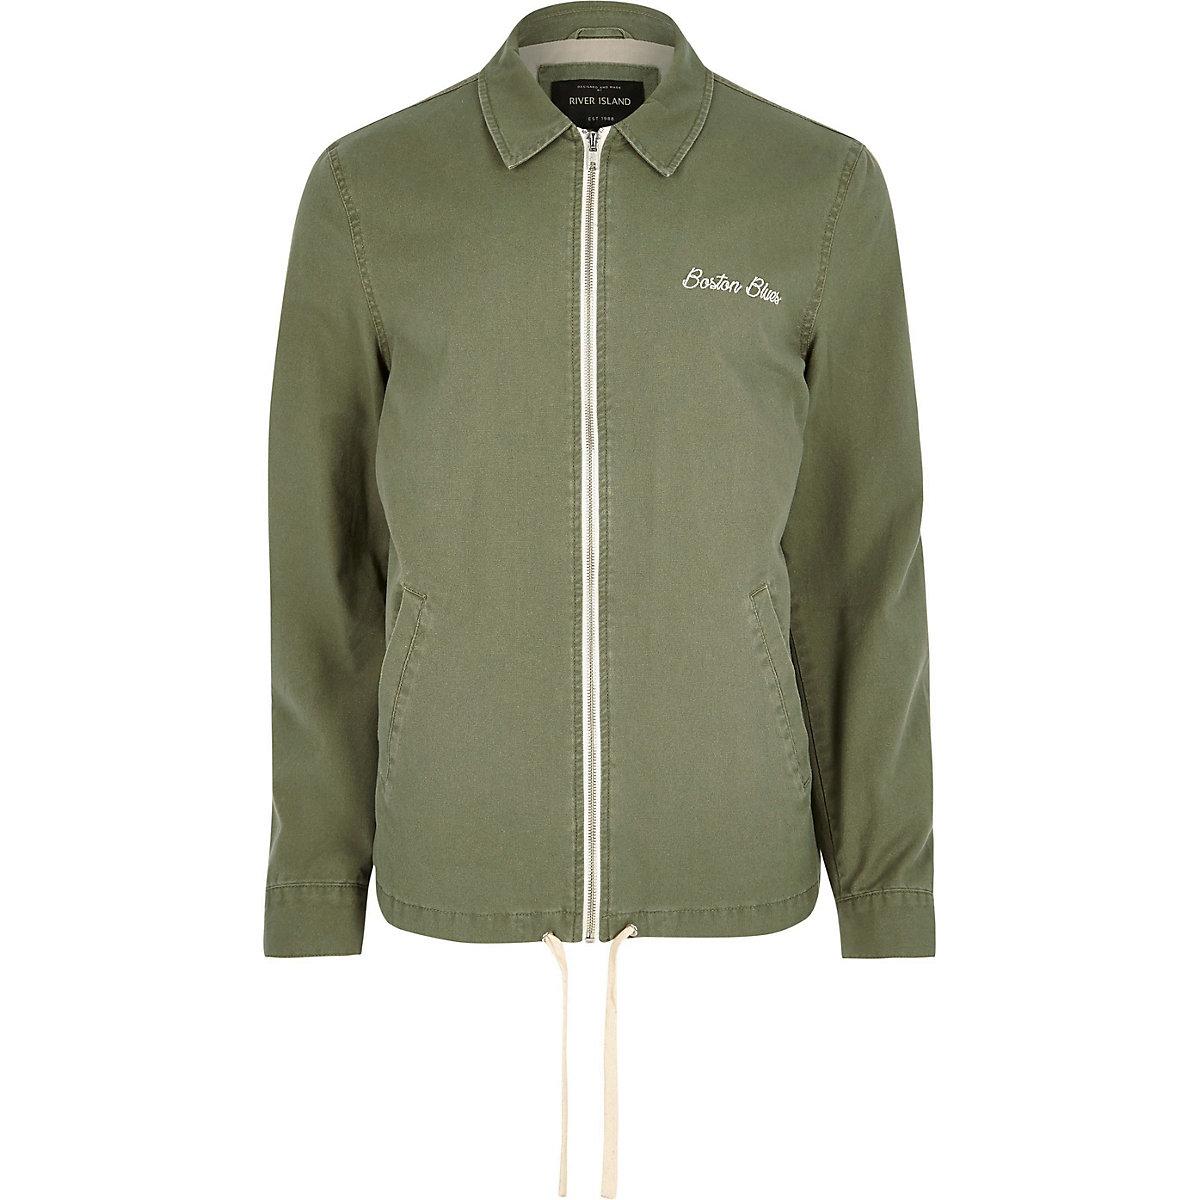 Big and Tall green harrington jacket